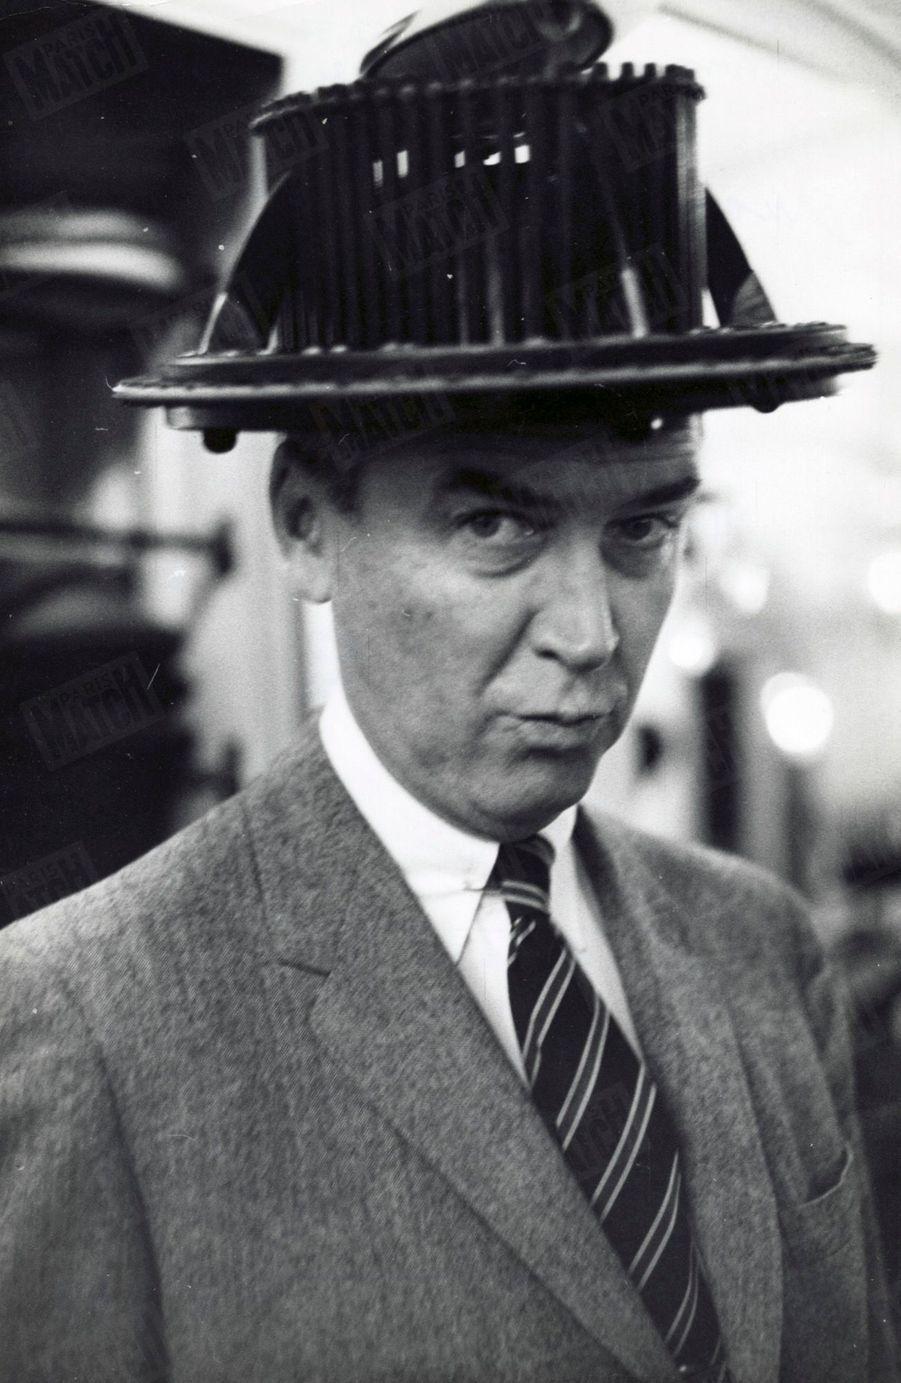 « Le premier chapeau est trop discret, le second trop encombrant : c'est l'appareil à mesurer le tour de tête ».James Stewart dansParis Match n°553, daté du 14 novembre 1959